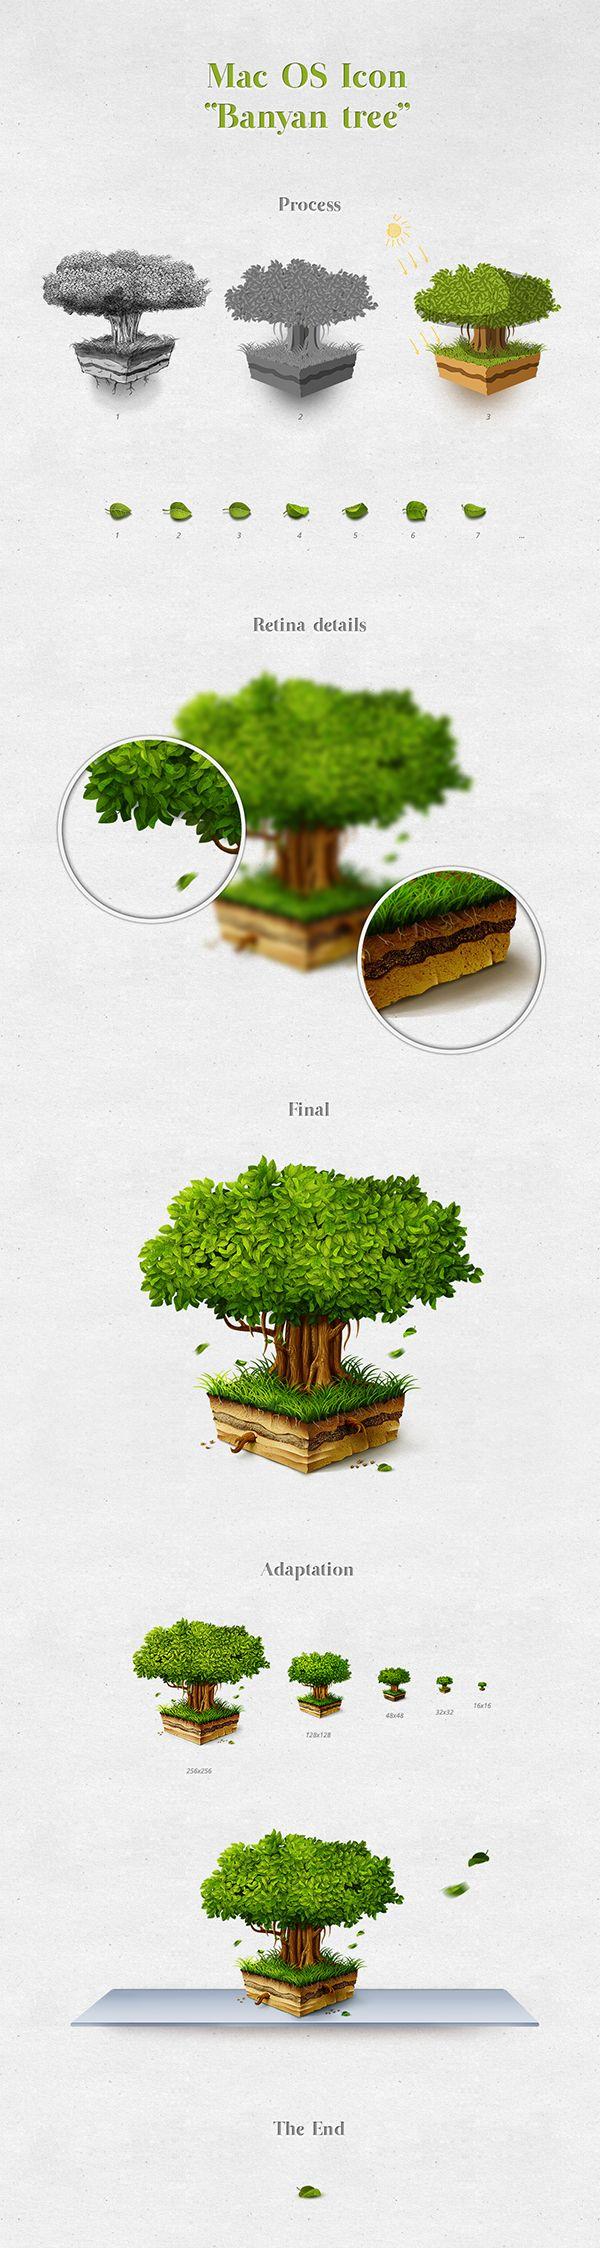 Banyan Tree Mac OS icon by Roman Dosyn, via Behance